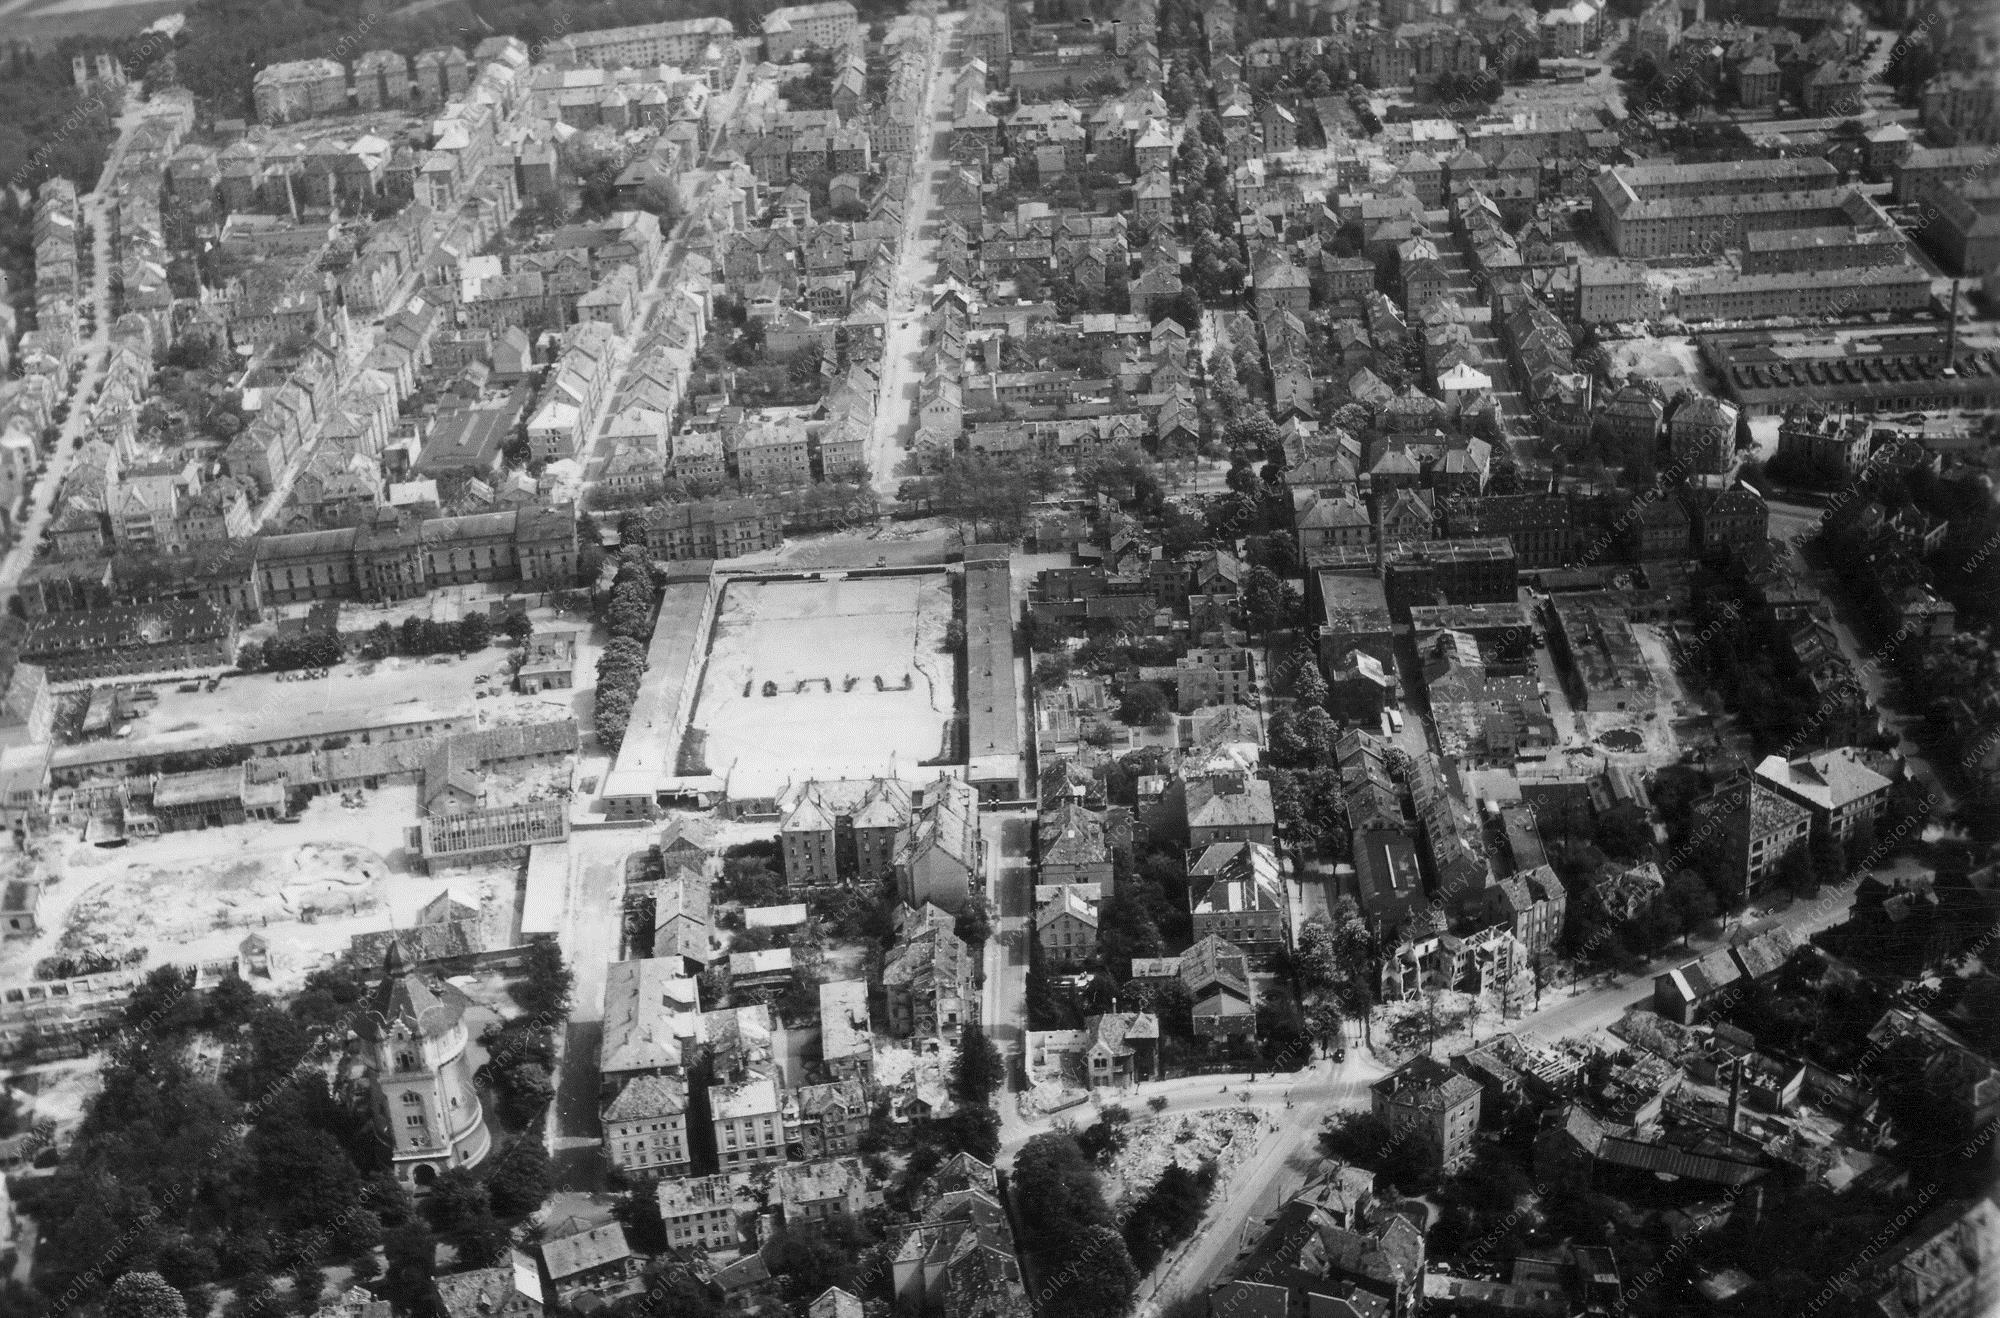 Braunschweig Luftbild Wasserturm Giersberg und Husarenkaserne